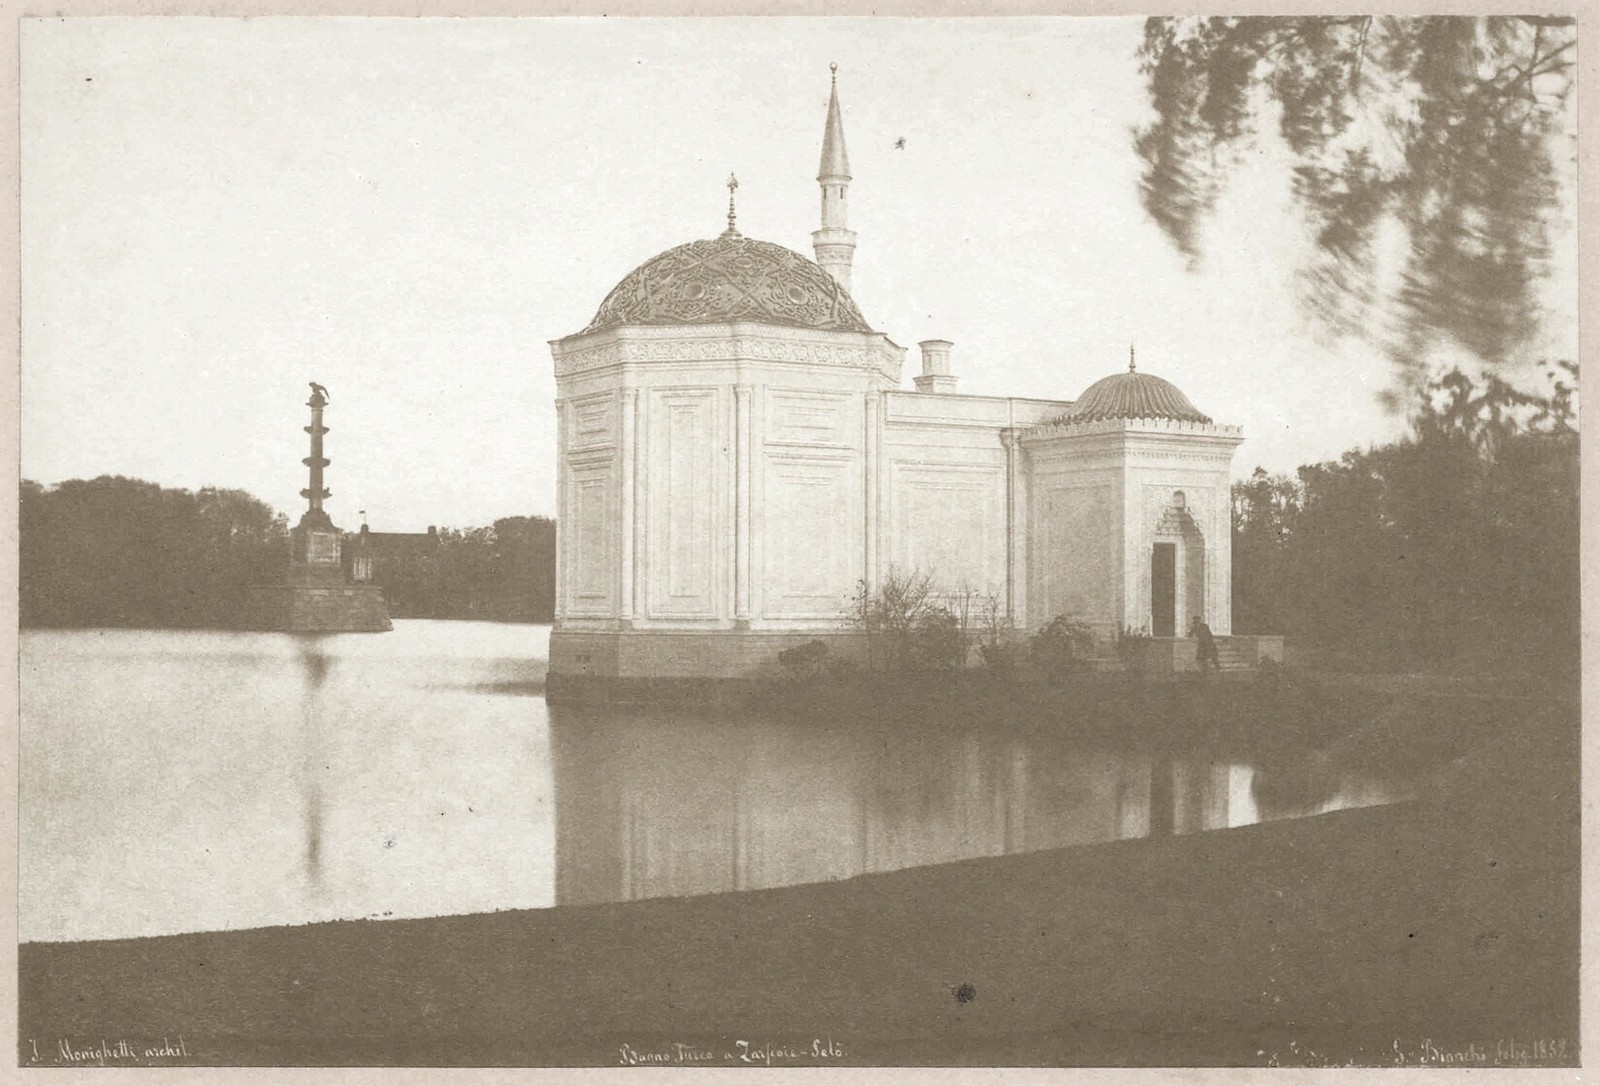 Царское село. Турецкая баня и на заднем плане Чесменская колонна. 1852.